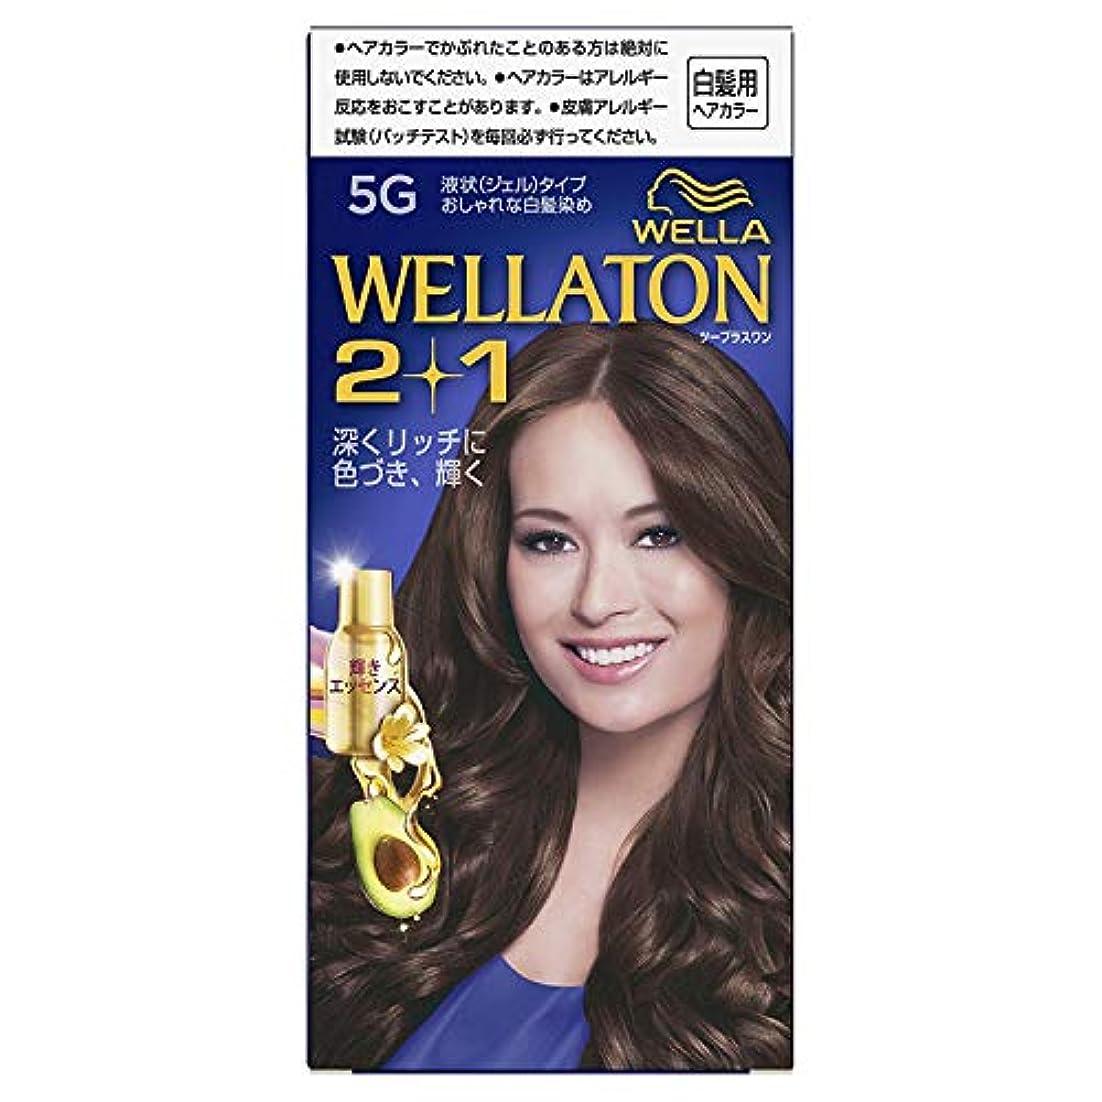 日光あえぎ倒産ウエラトーン2+1 液状タイプ 5G [医薬部外品] ×6個